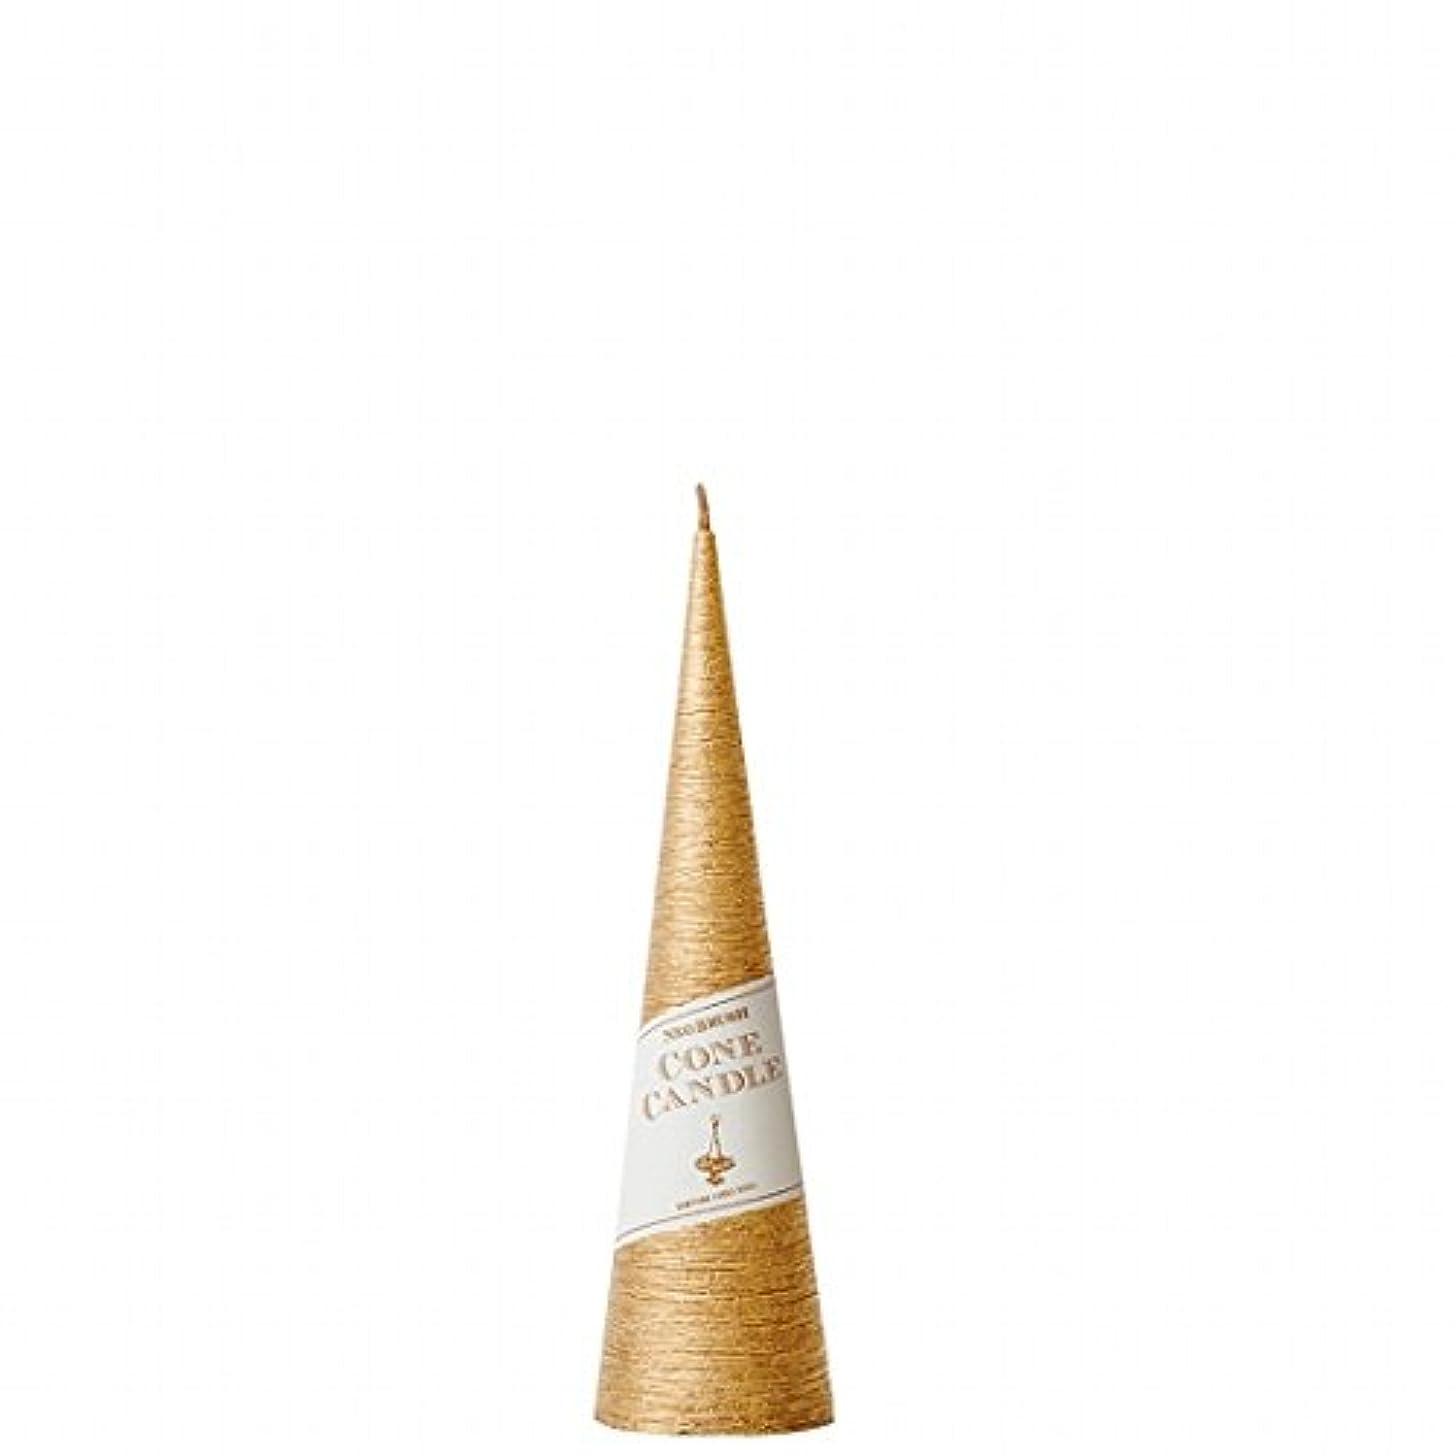 状忘れられない関与するkameyama candle(カメヤマキャンドル) ネオブラッシュコーン 180 キャンドル 「 ゴールド 」 6個セット(A9750110GO)